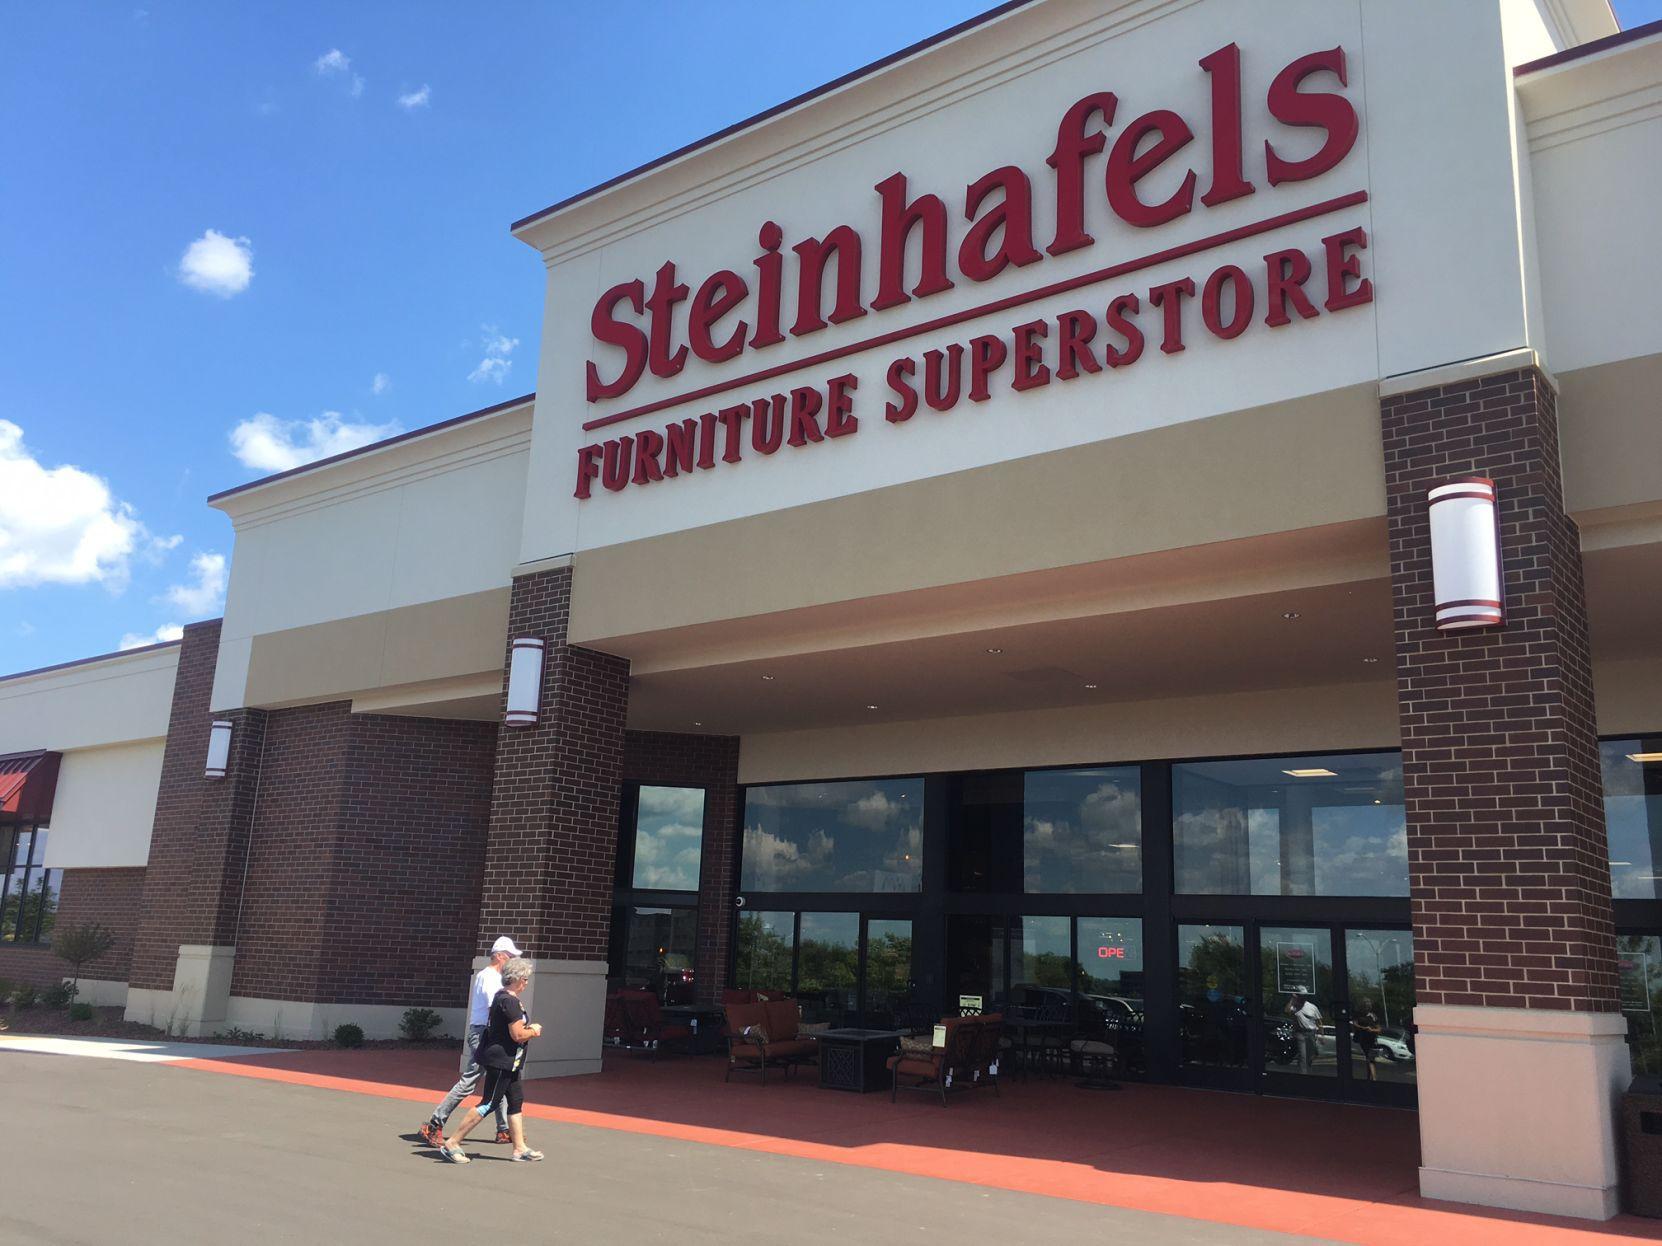 prodigious Steinhafels Appliances Part - 10: Steinhafels